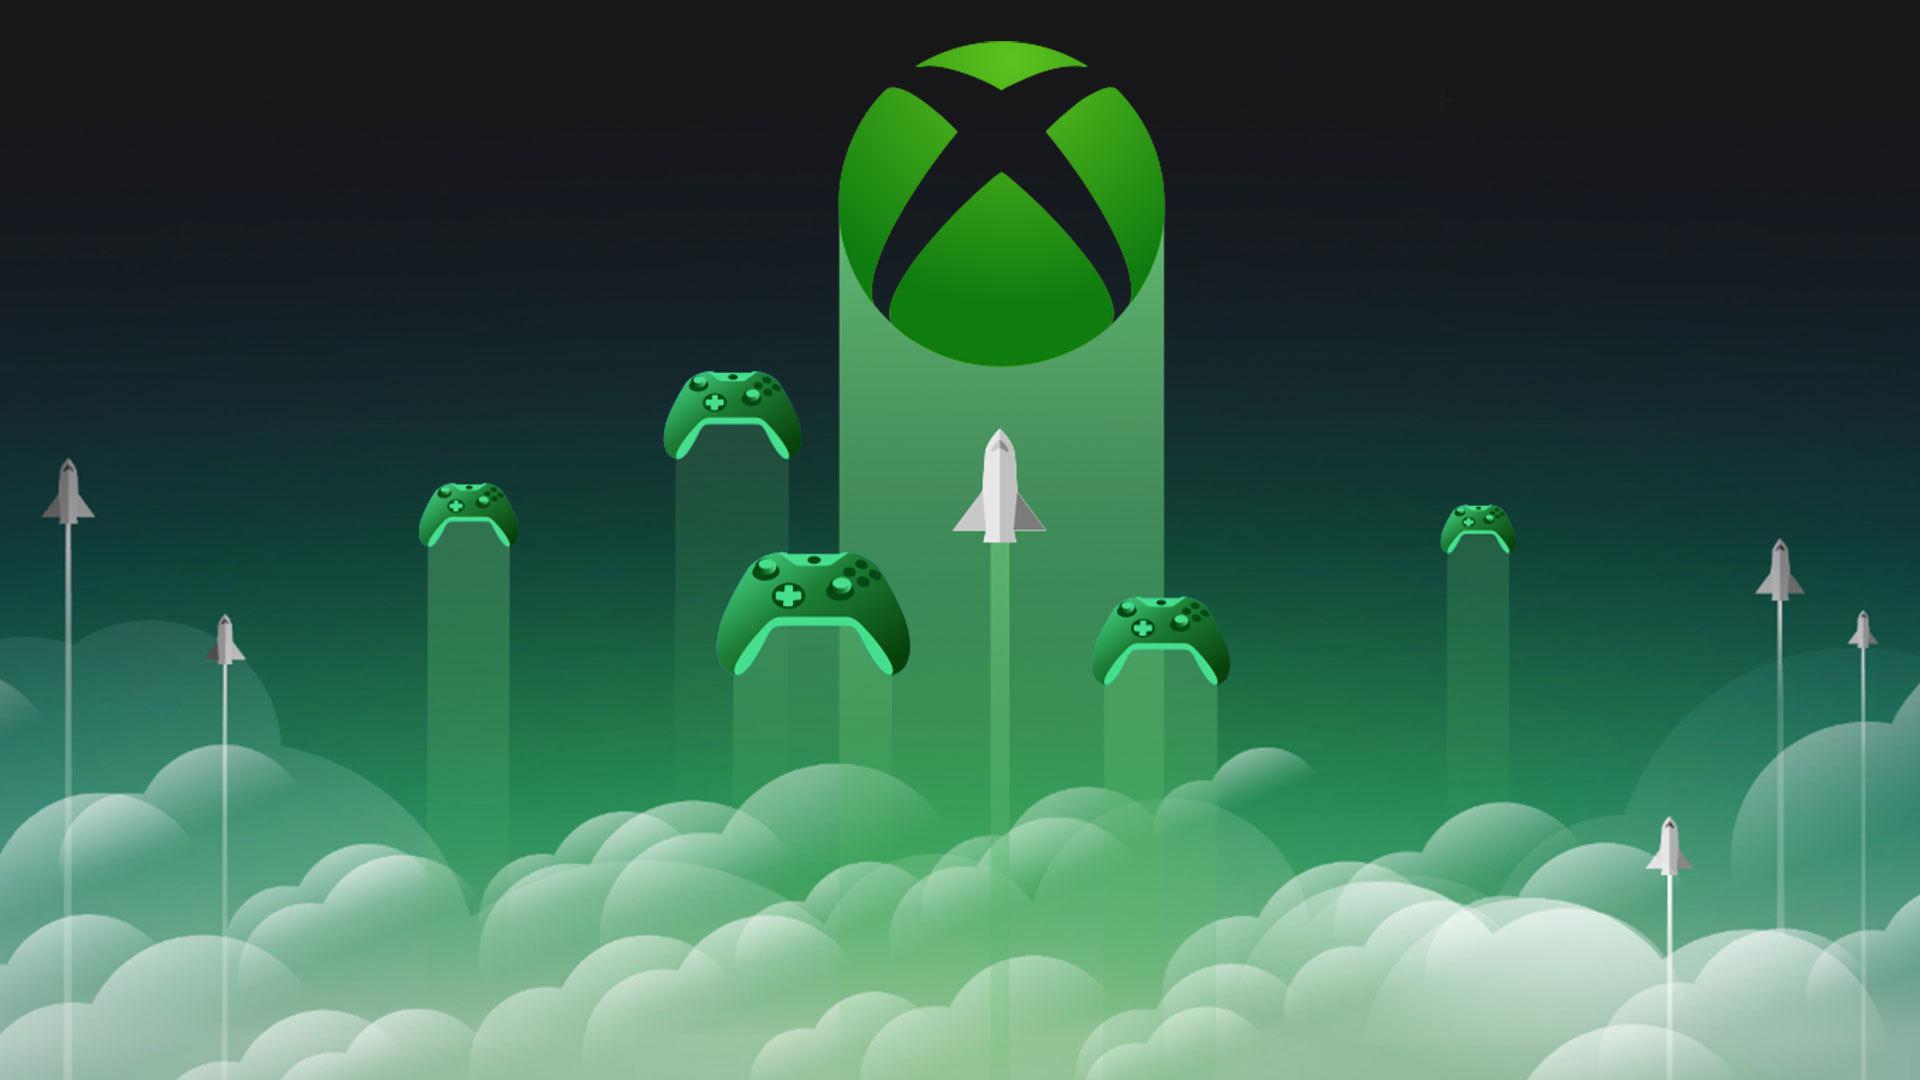 El juego en la nube de xCloud llegará a las consolas de Microsoft este año